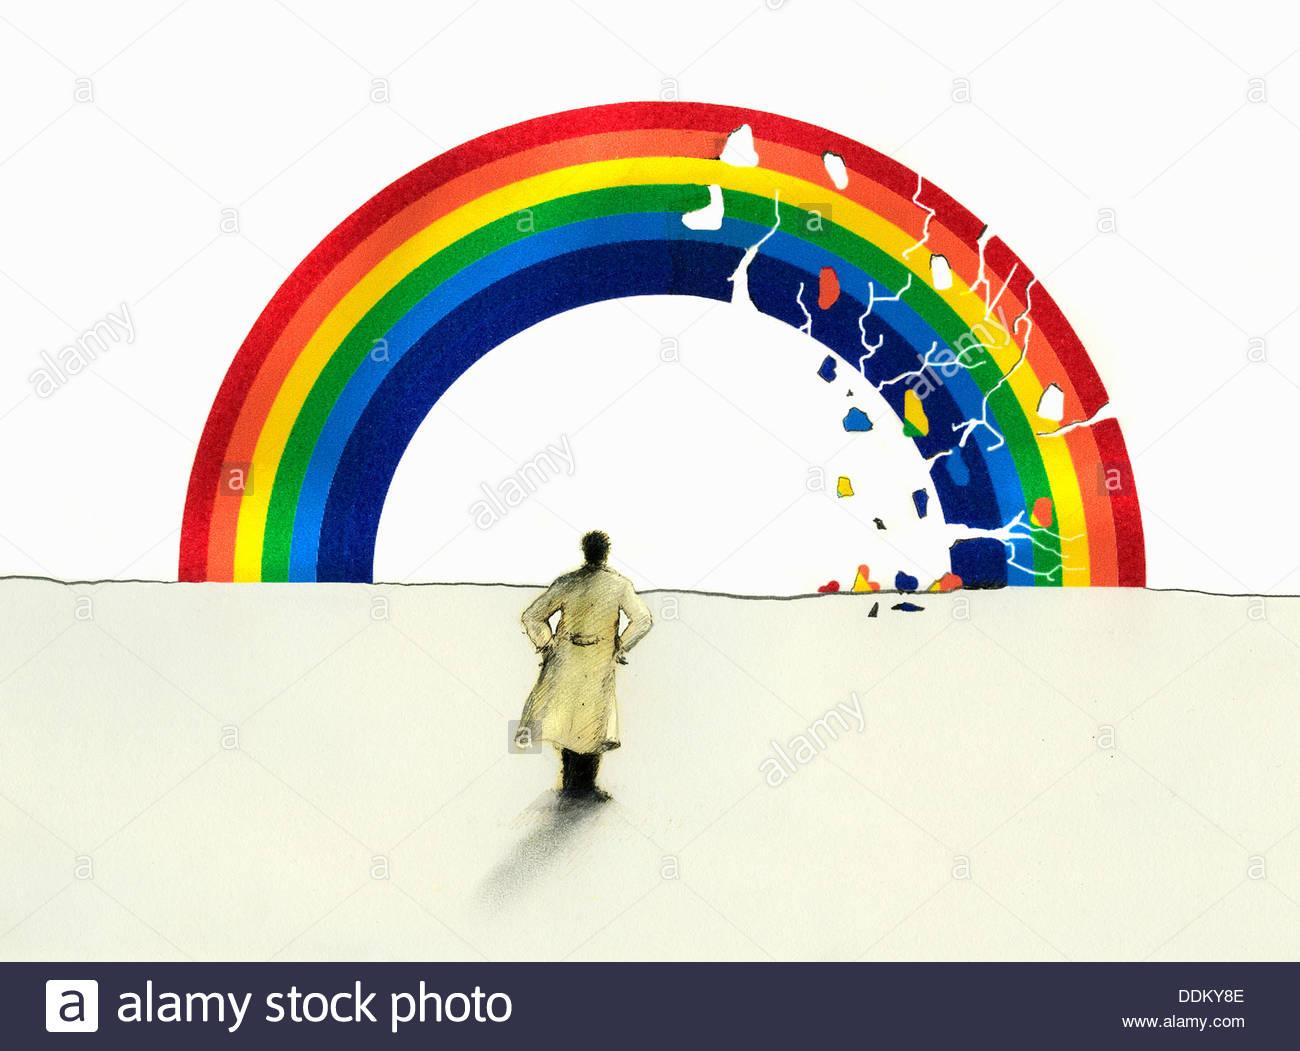 Mann im Trenchcoat Blick auf Rissbildung Regenbogen Stockbild